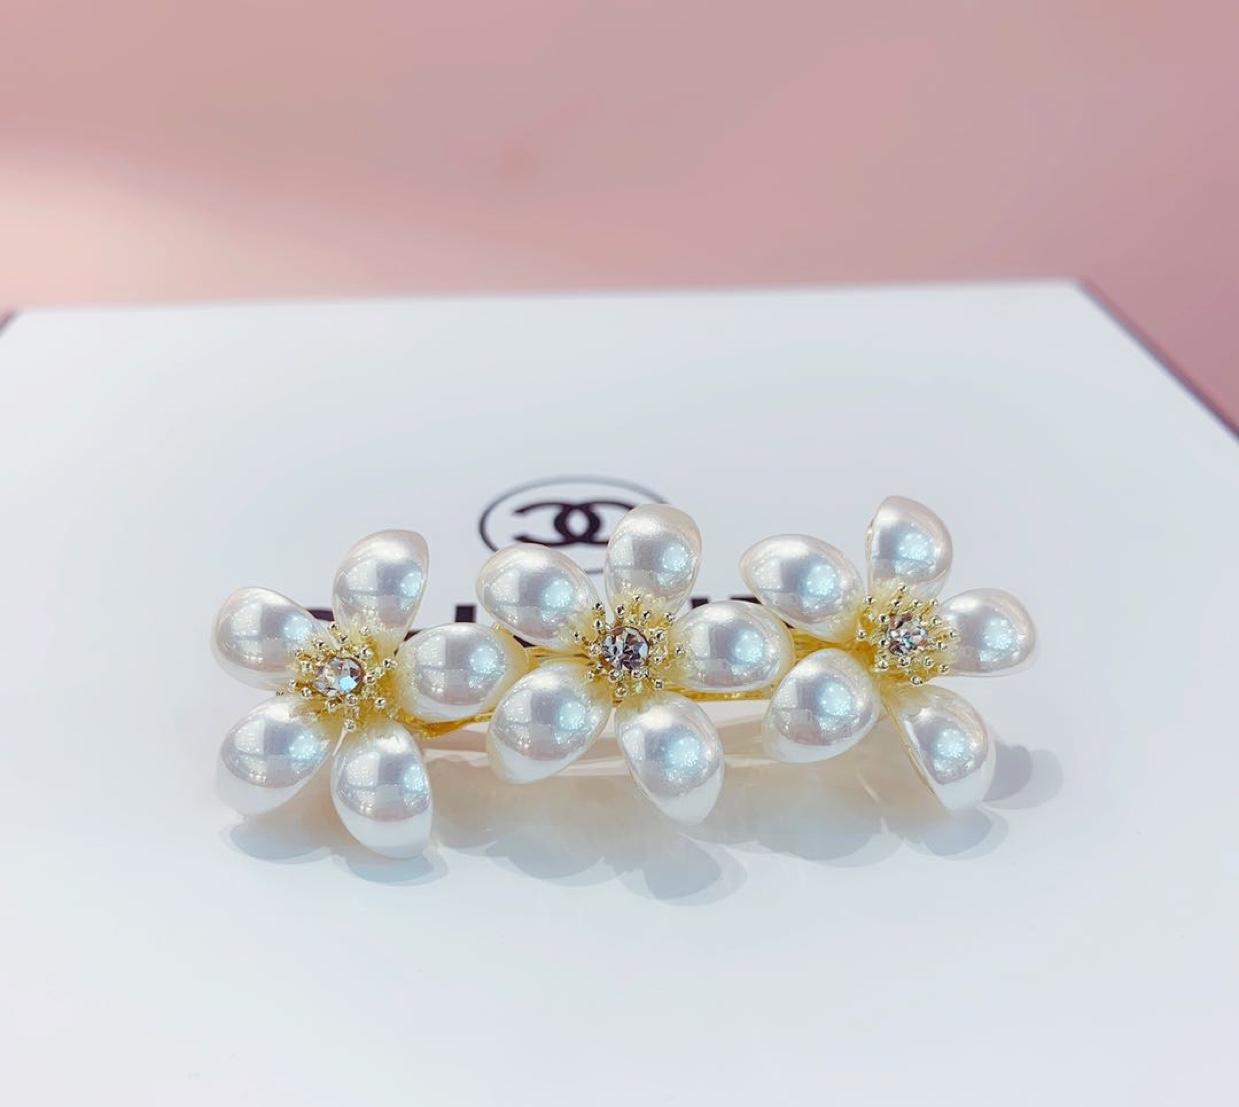 月牙珍珠系列发夹时尚简约